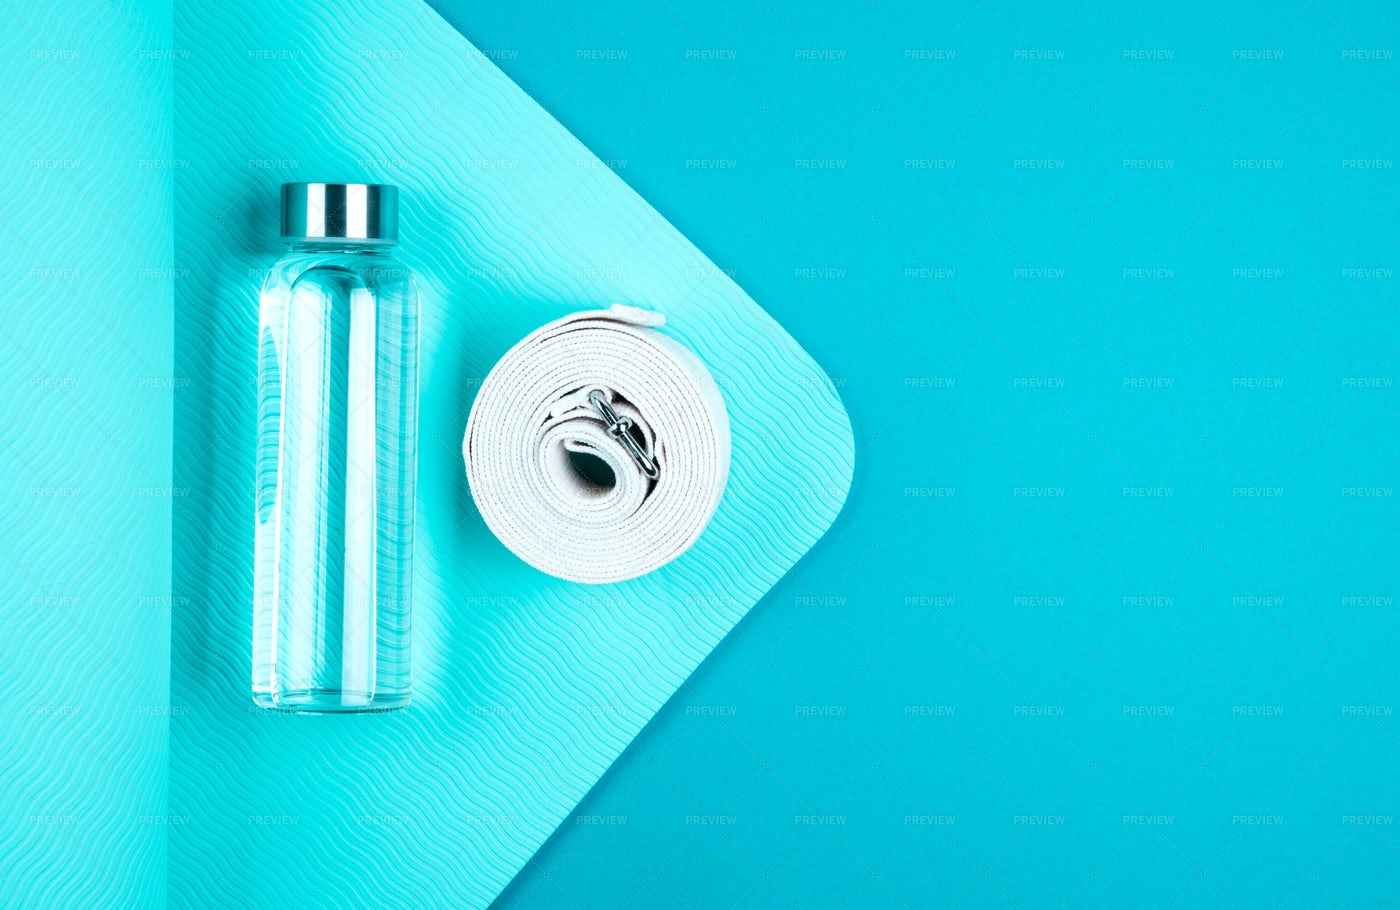 Mat, Water Bottle And Belt: Stock Photos